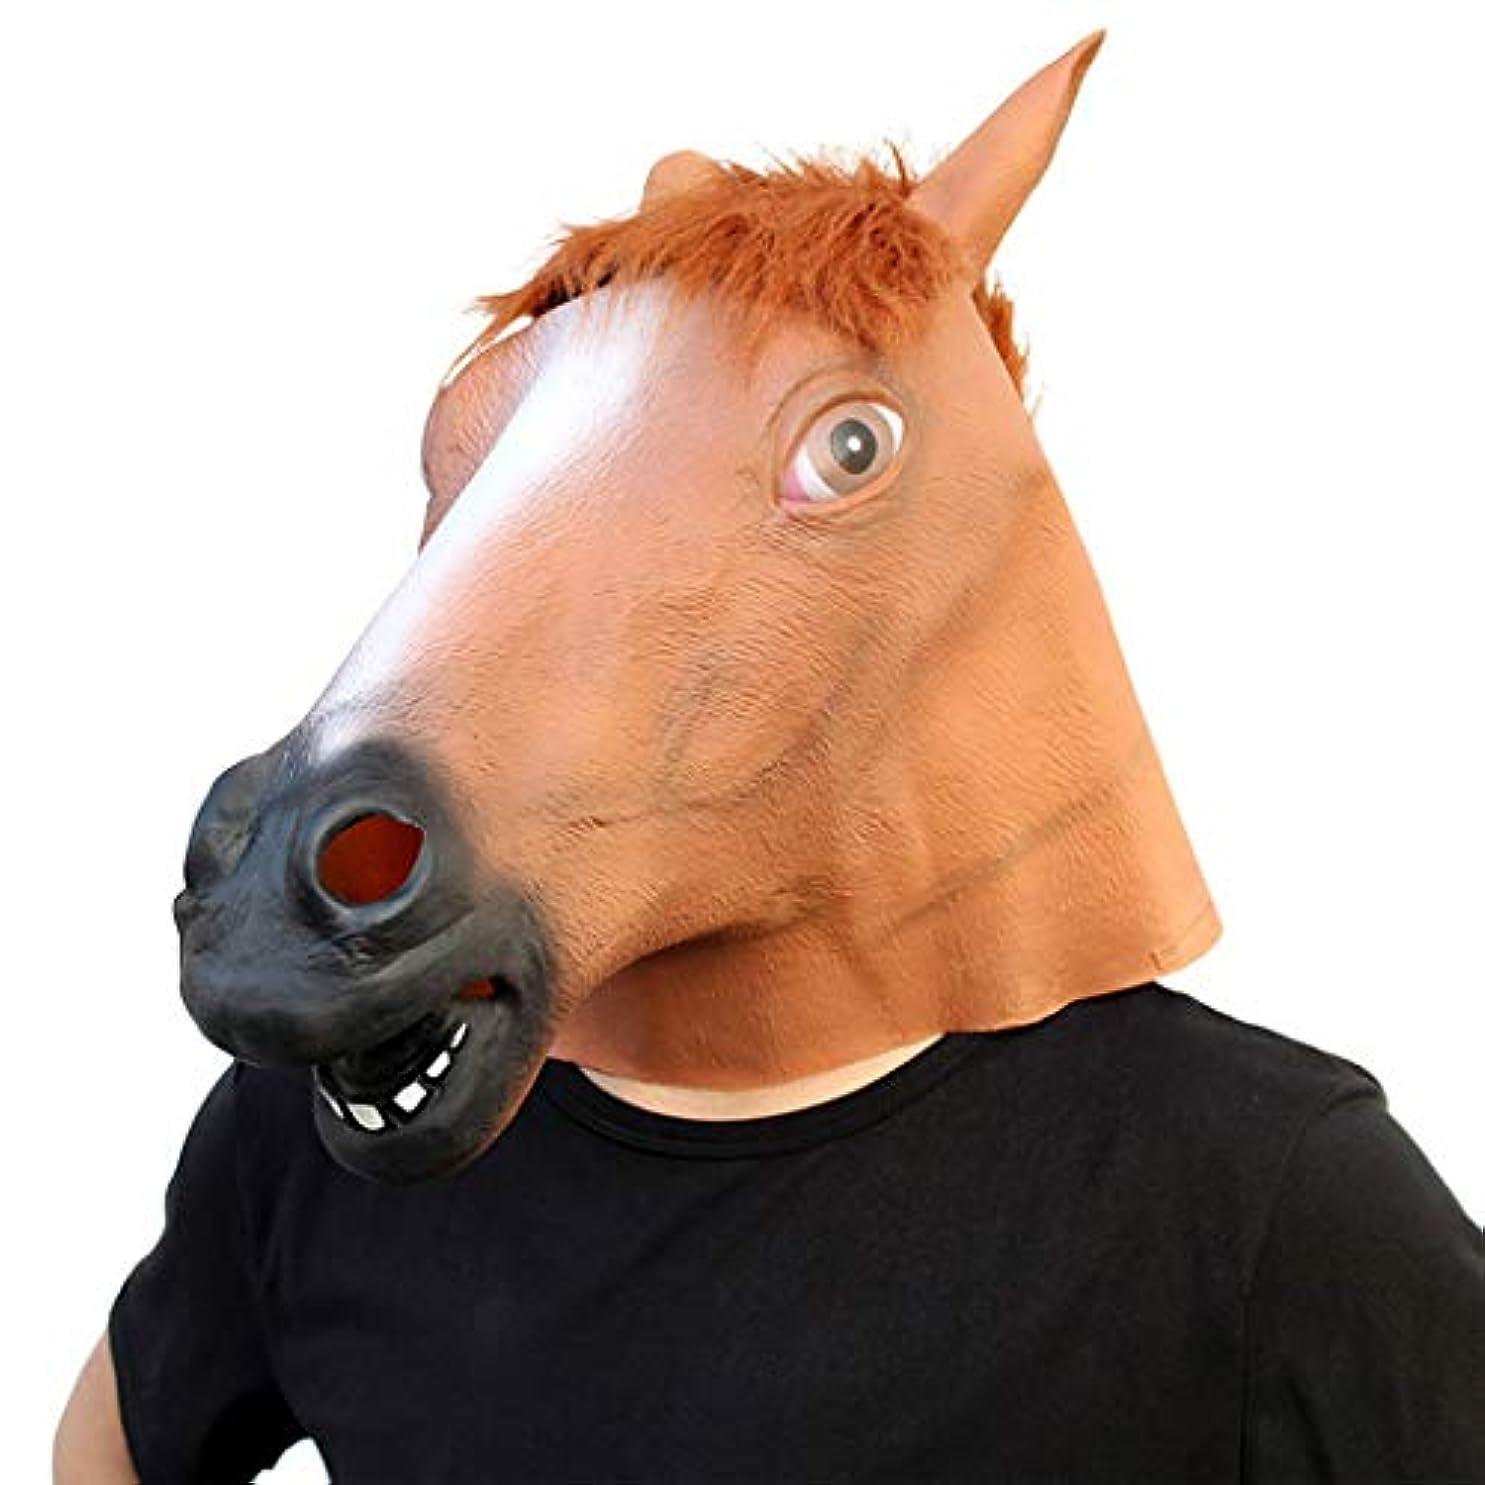 自伝崇拝するバリアハロウィーンのスタイリングの小道具ボールパーティーの馬の頭のマスクラテックスゲーム面白いパーティー用品